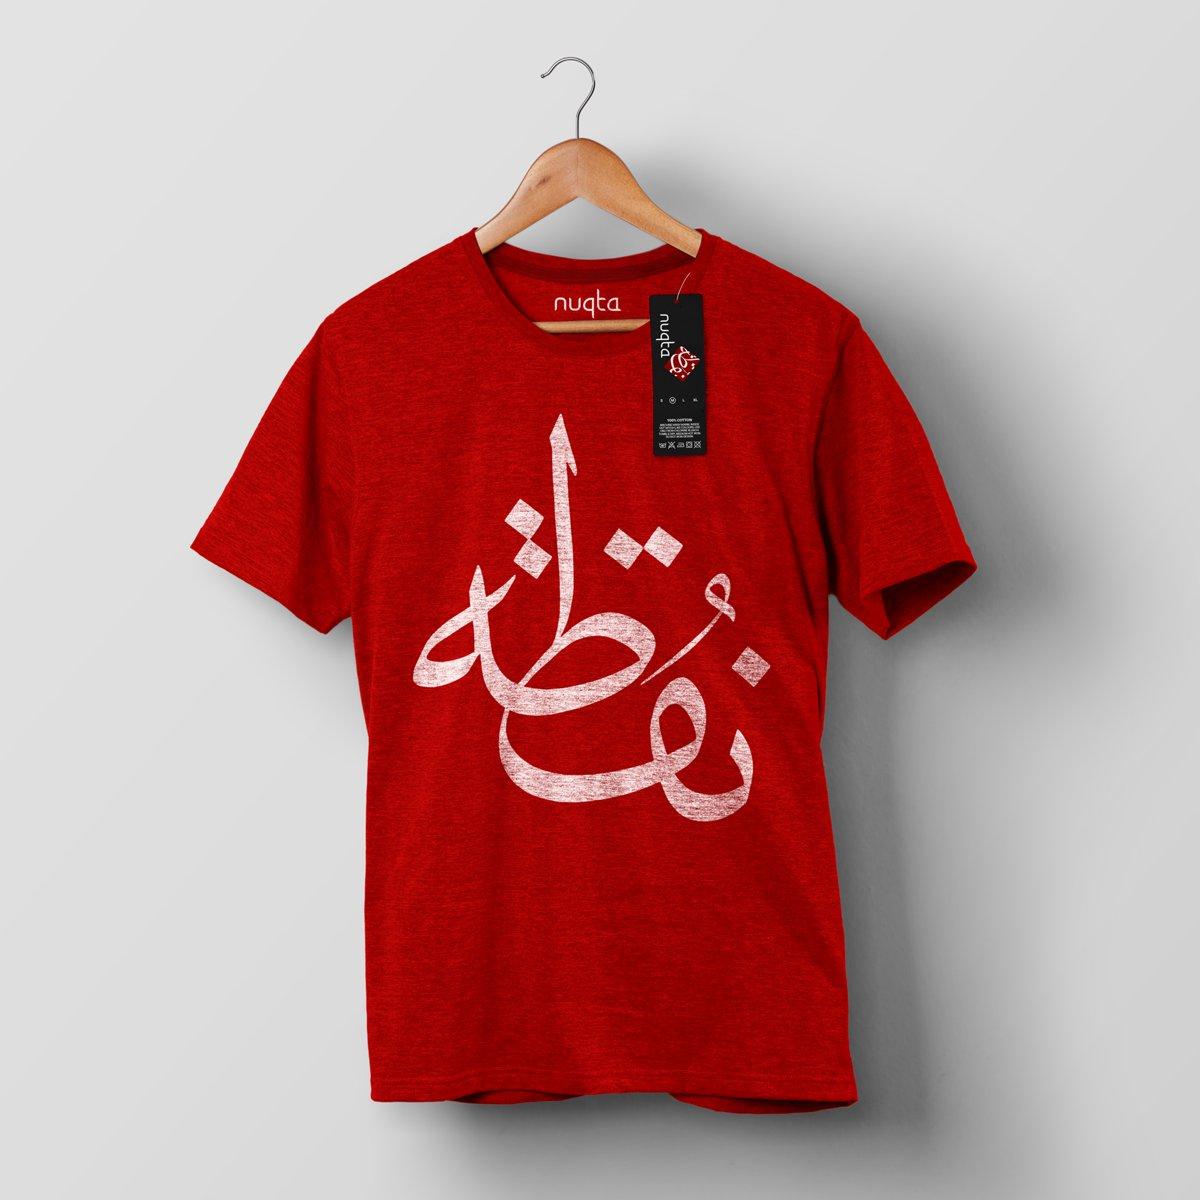 Silkscreen T Shirts Near Me | Saddha